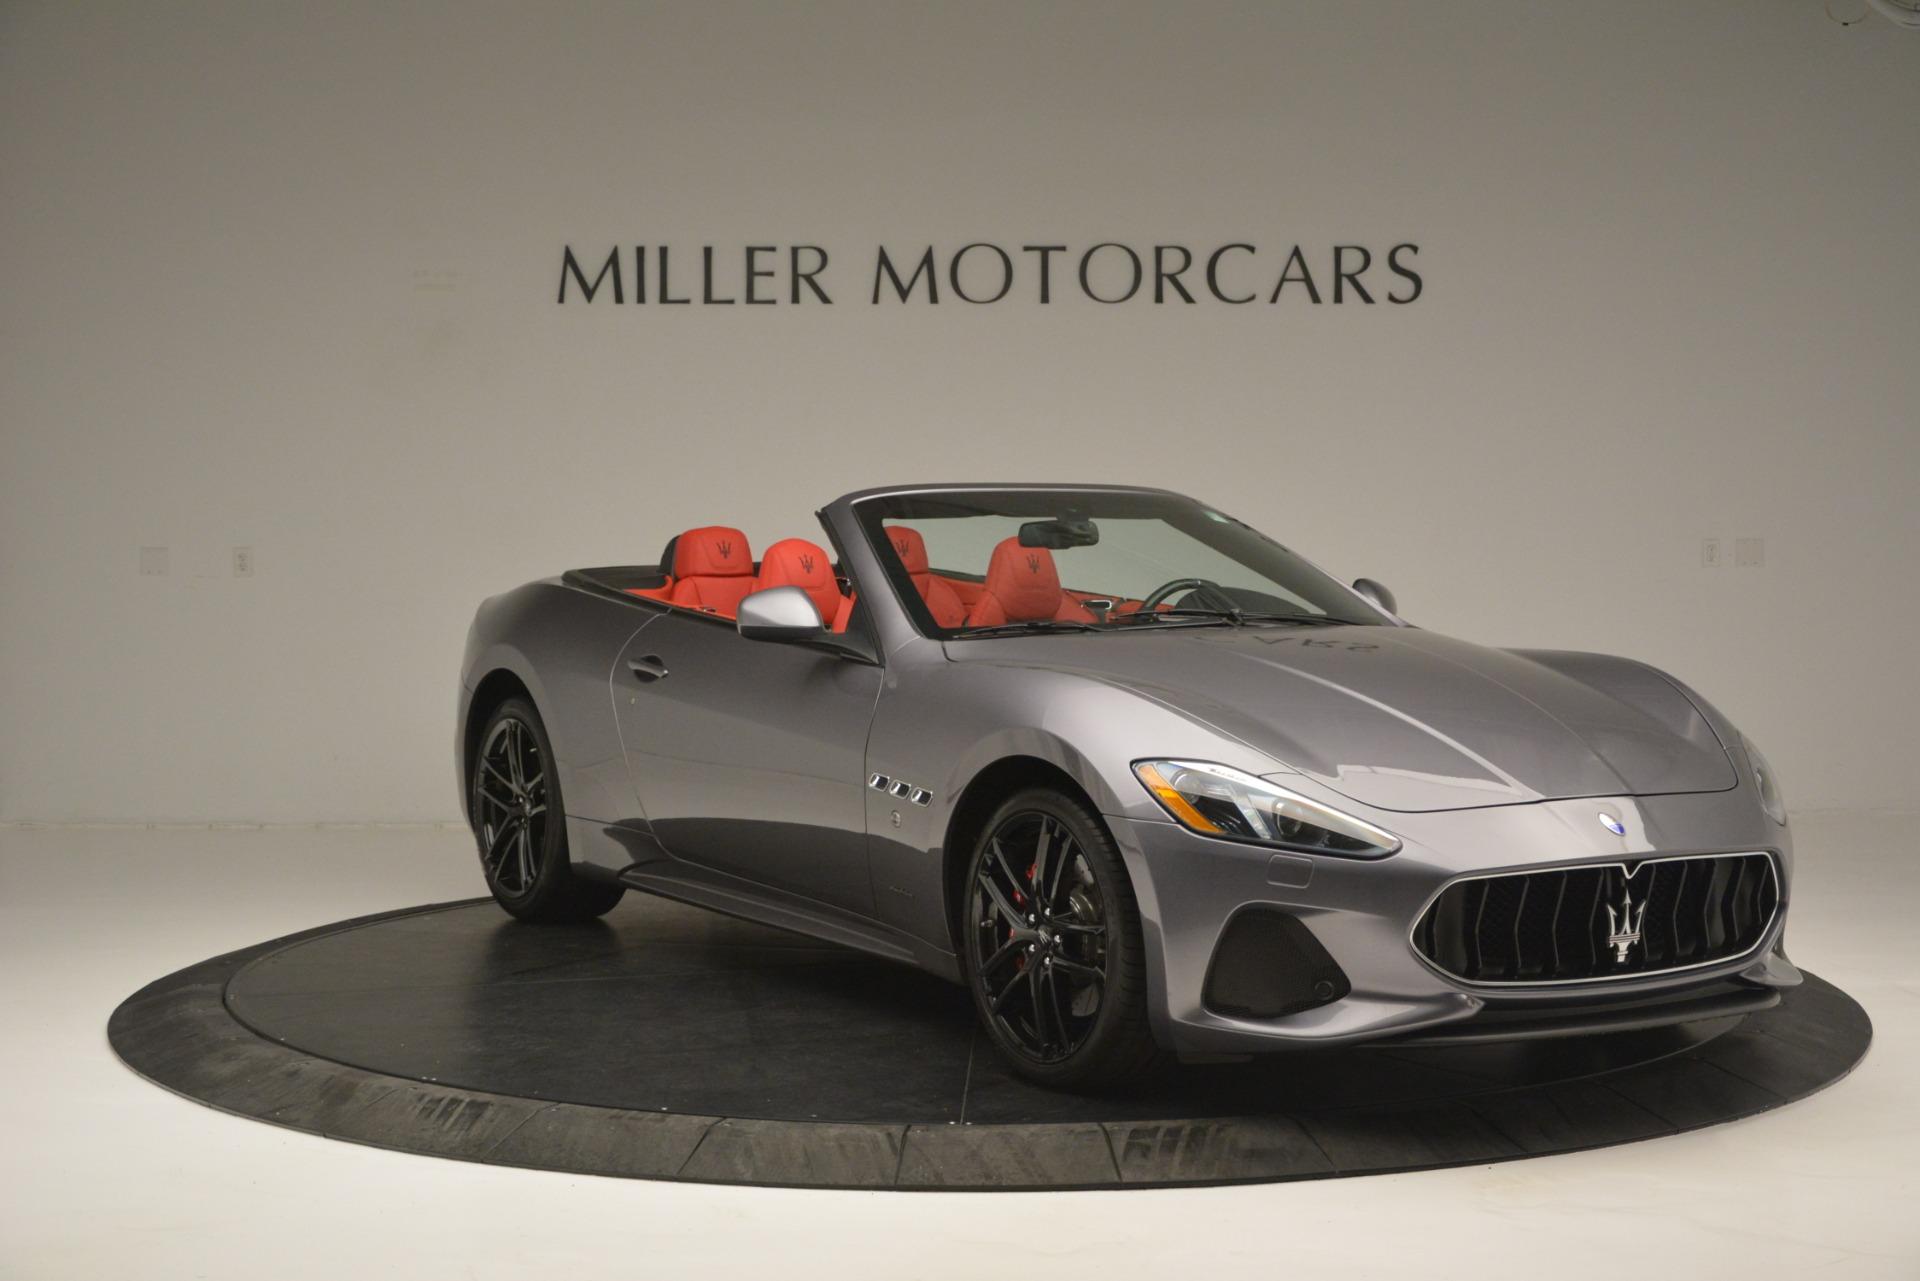 Used 2018 Maserati GranTurismo Sport For Sale In Greenwich, CT 2637_p9